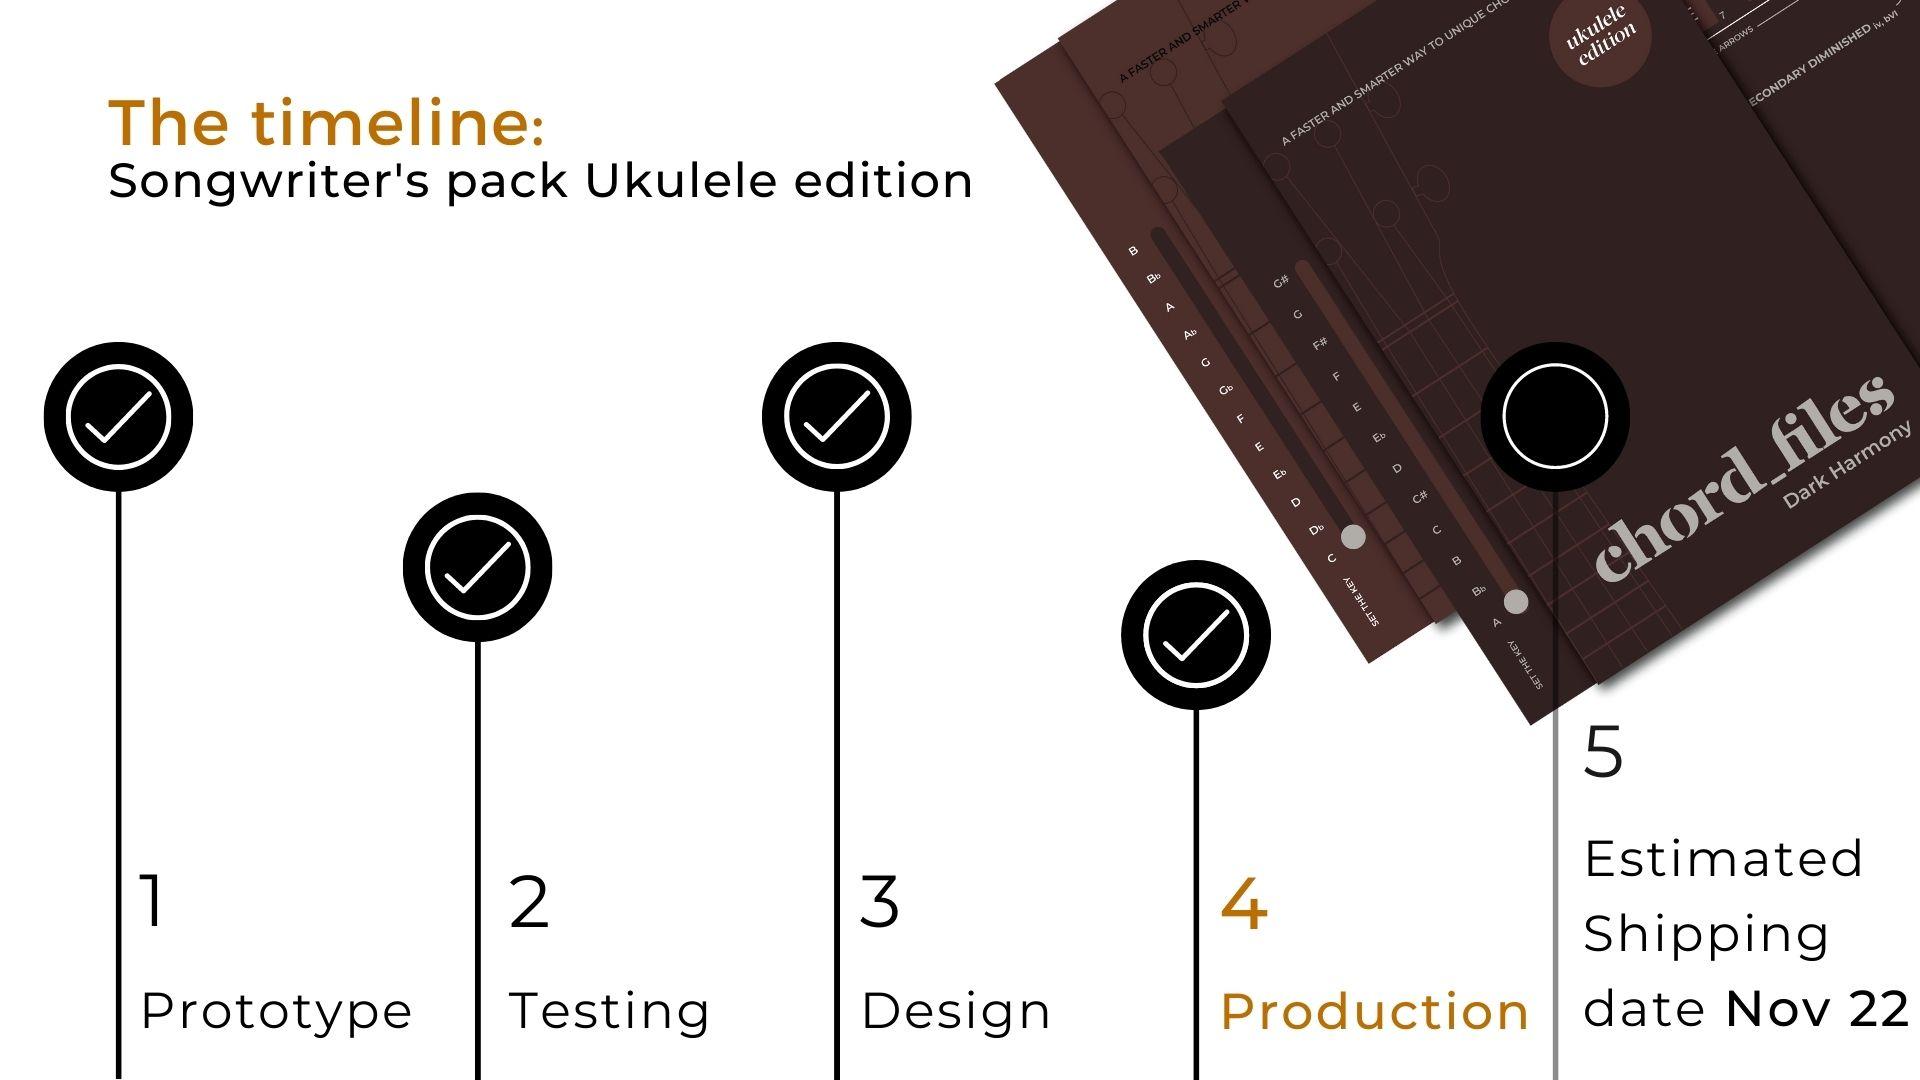 Ukulele songwriter's pack